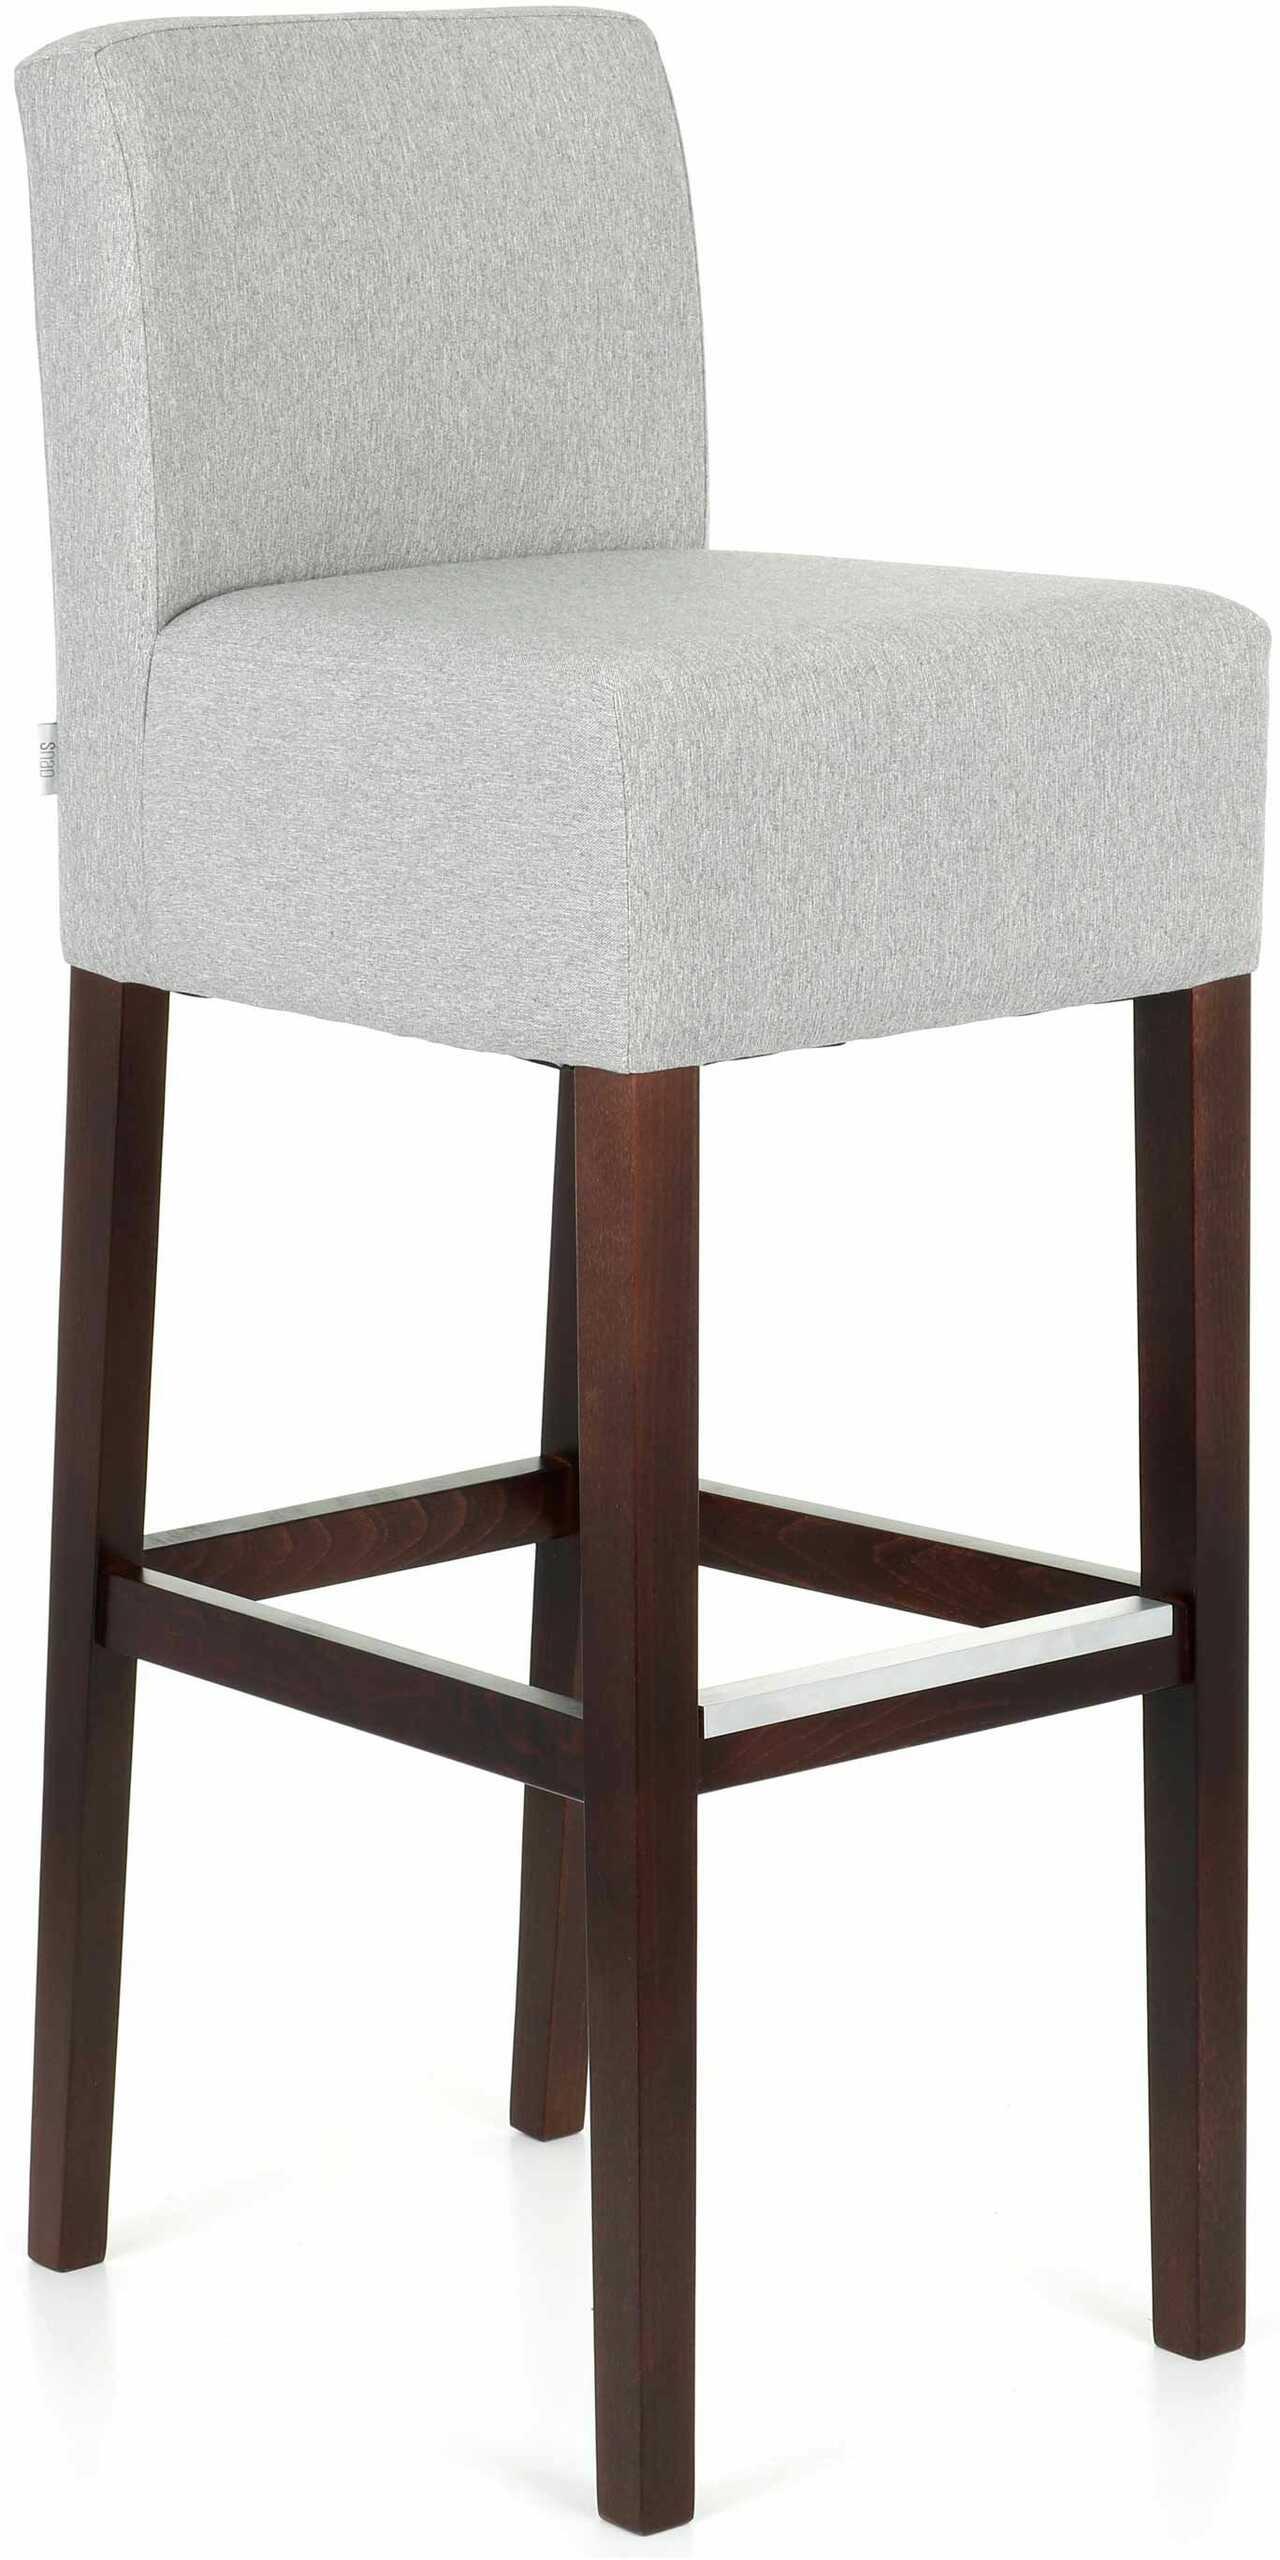 Hoker Simple - Twoja żądana wysokość, personalizowany, o różnej wysokości, do lady barowej, do jadalni, do wyspy kuchennej, wygodny, klasyczny, minimalistyczny